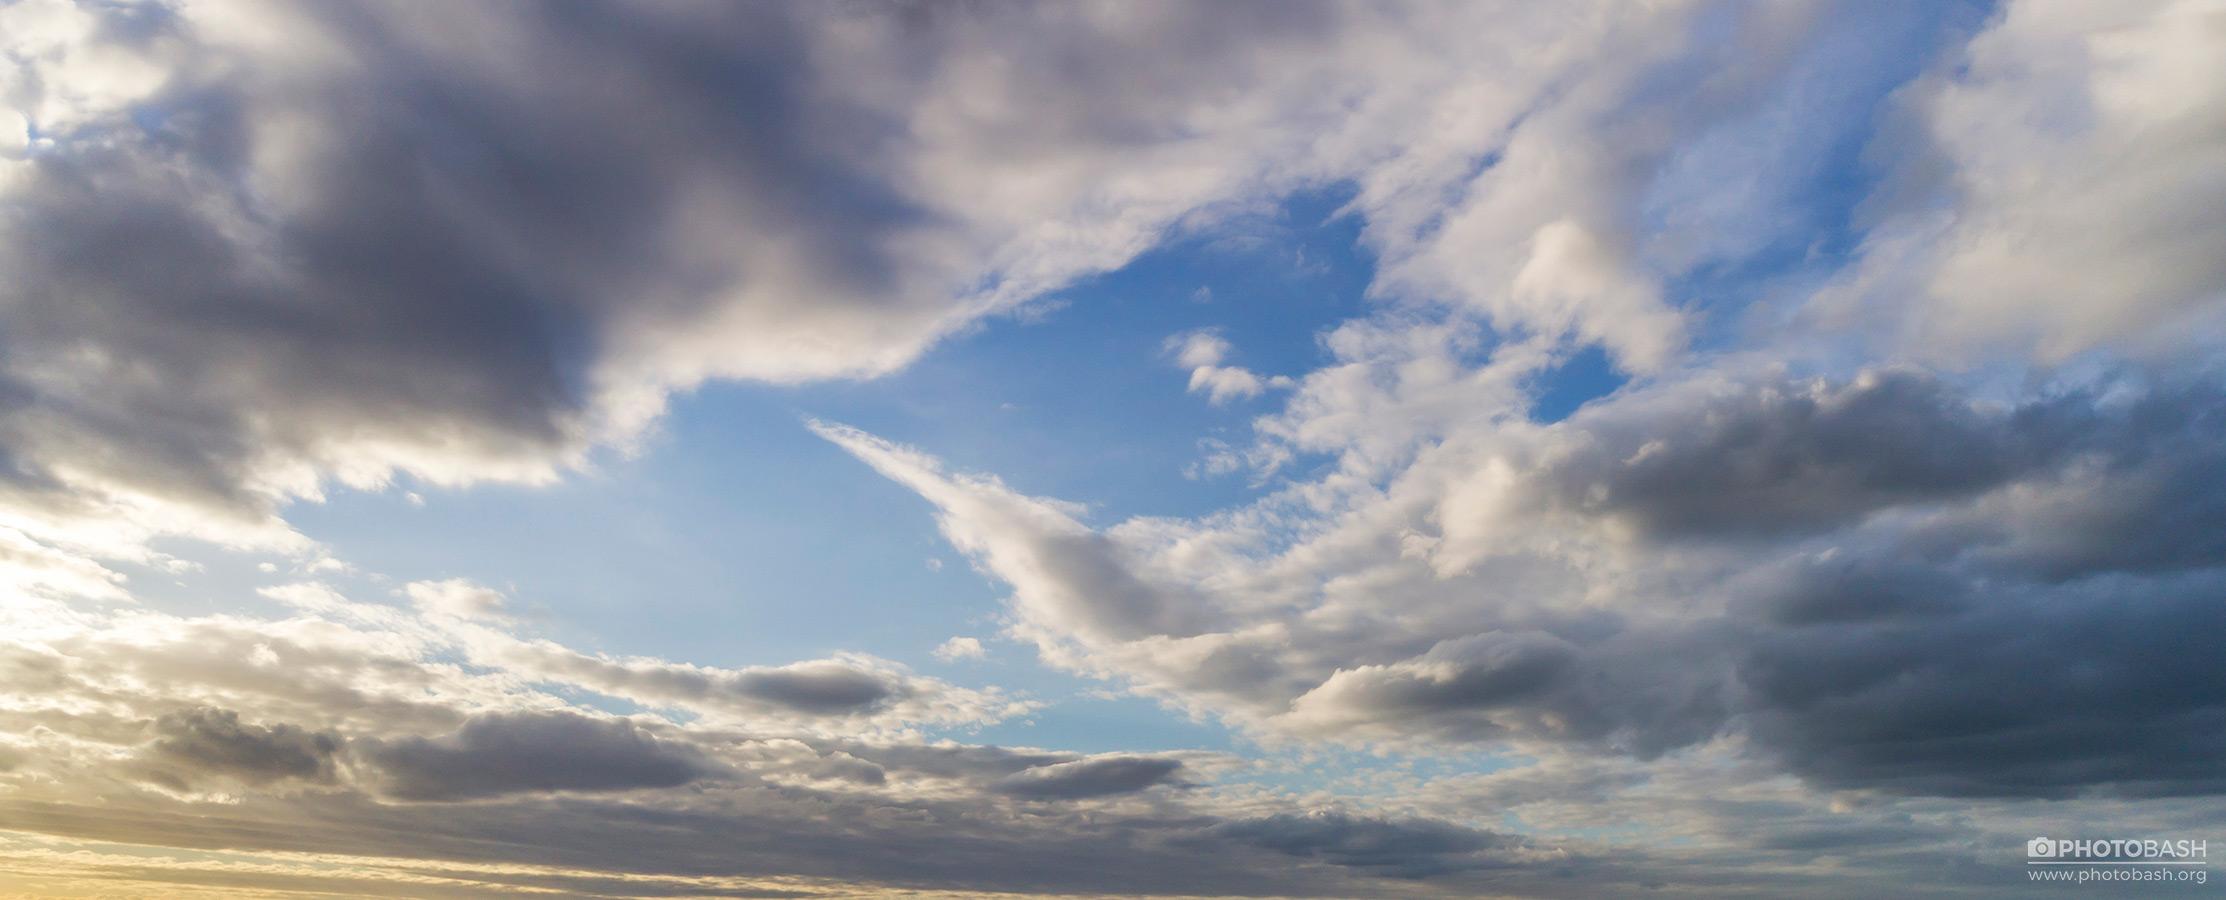 Blue-Skies-Afternoon-Sun.jpg